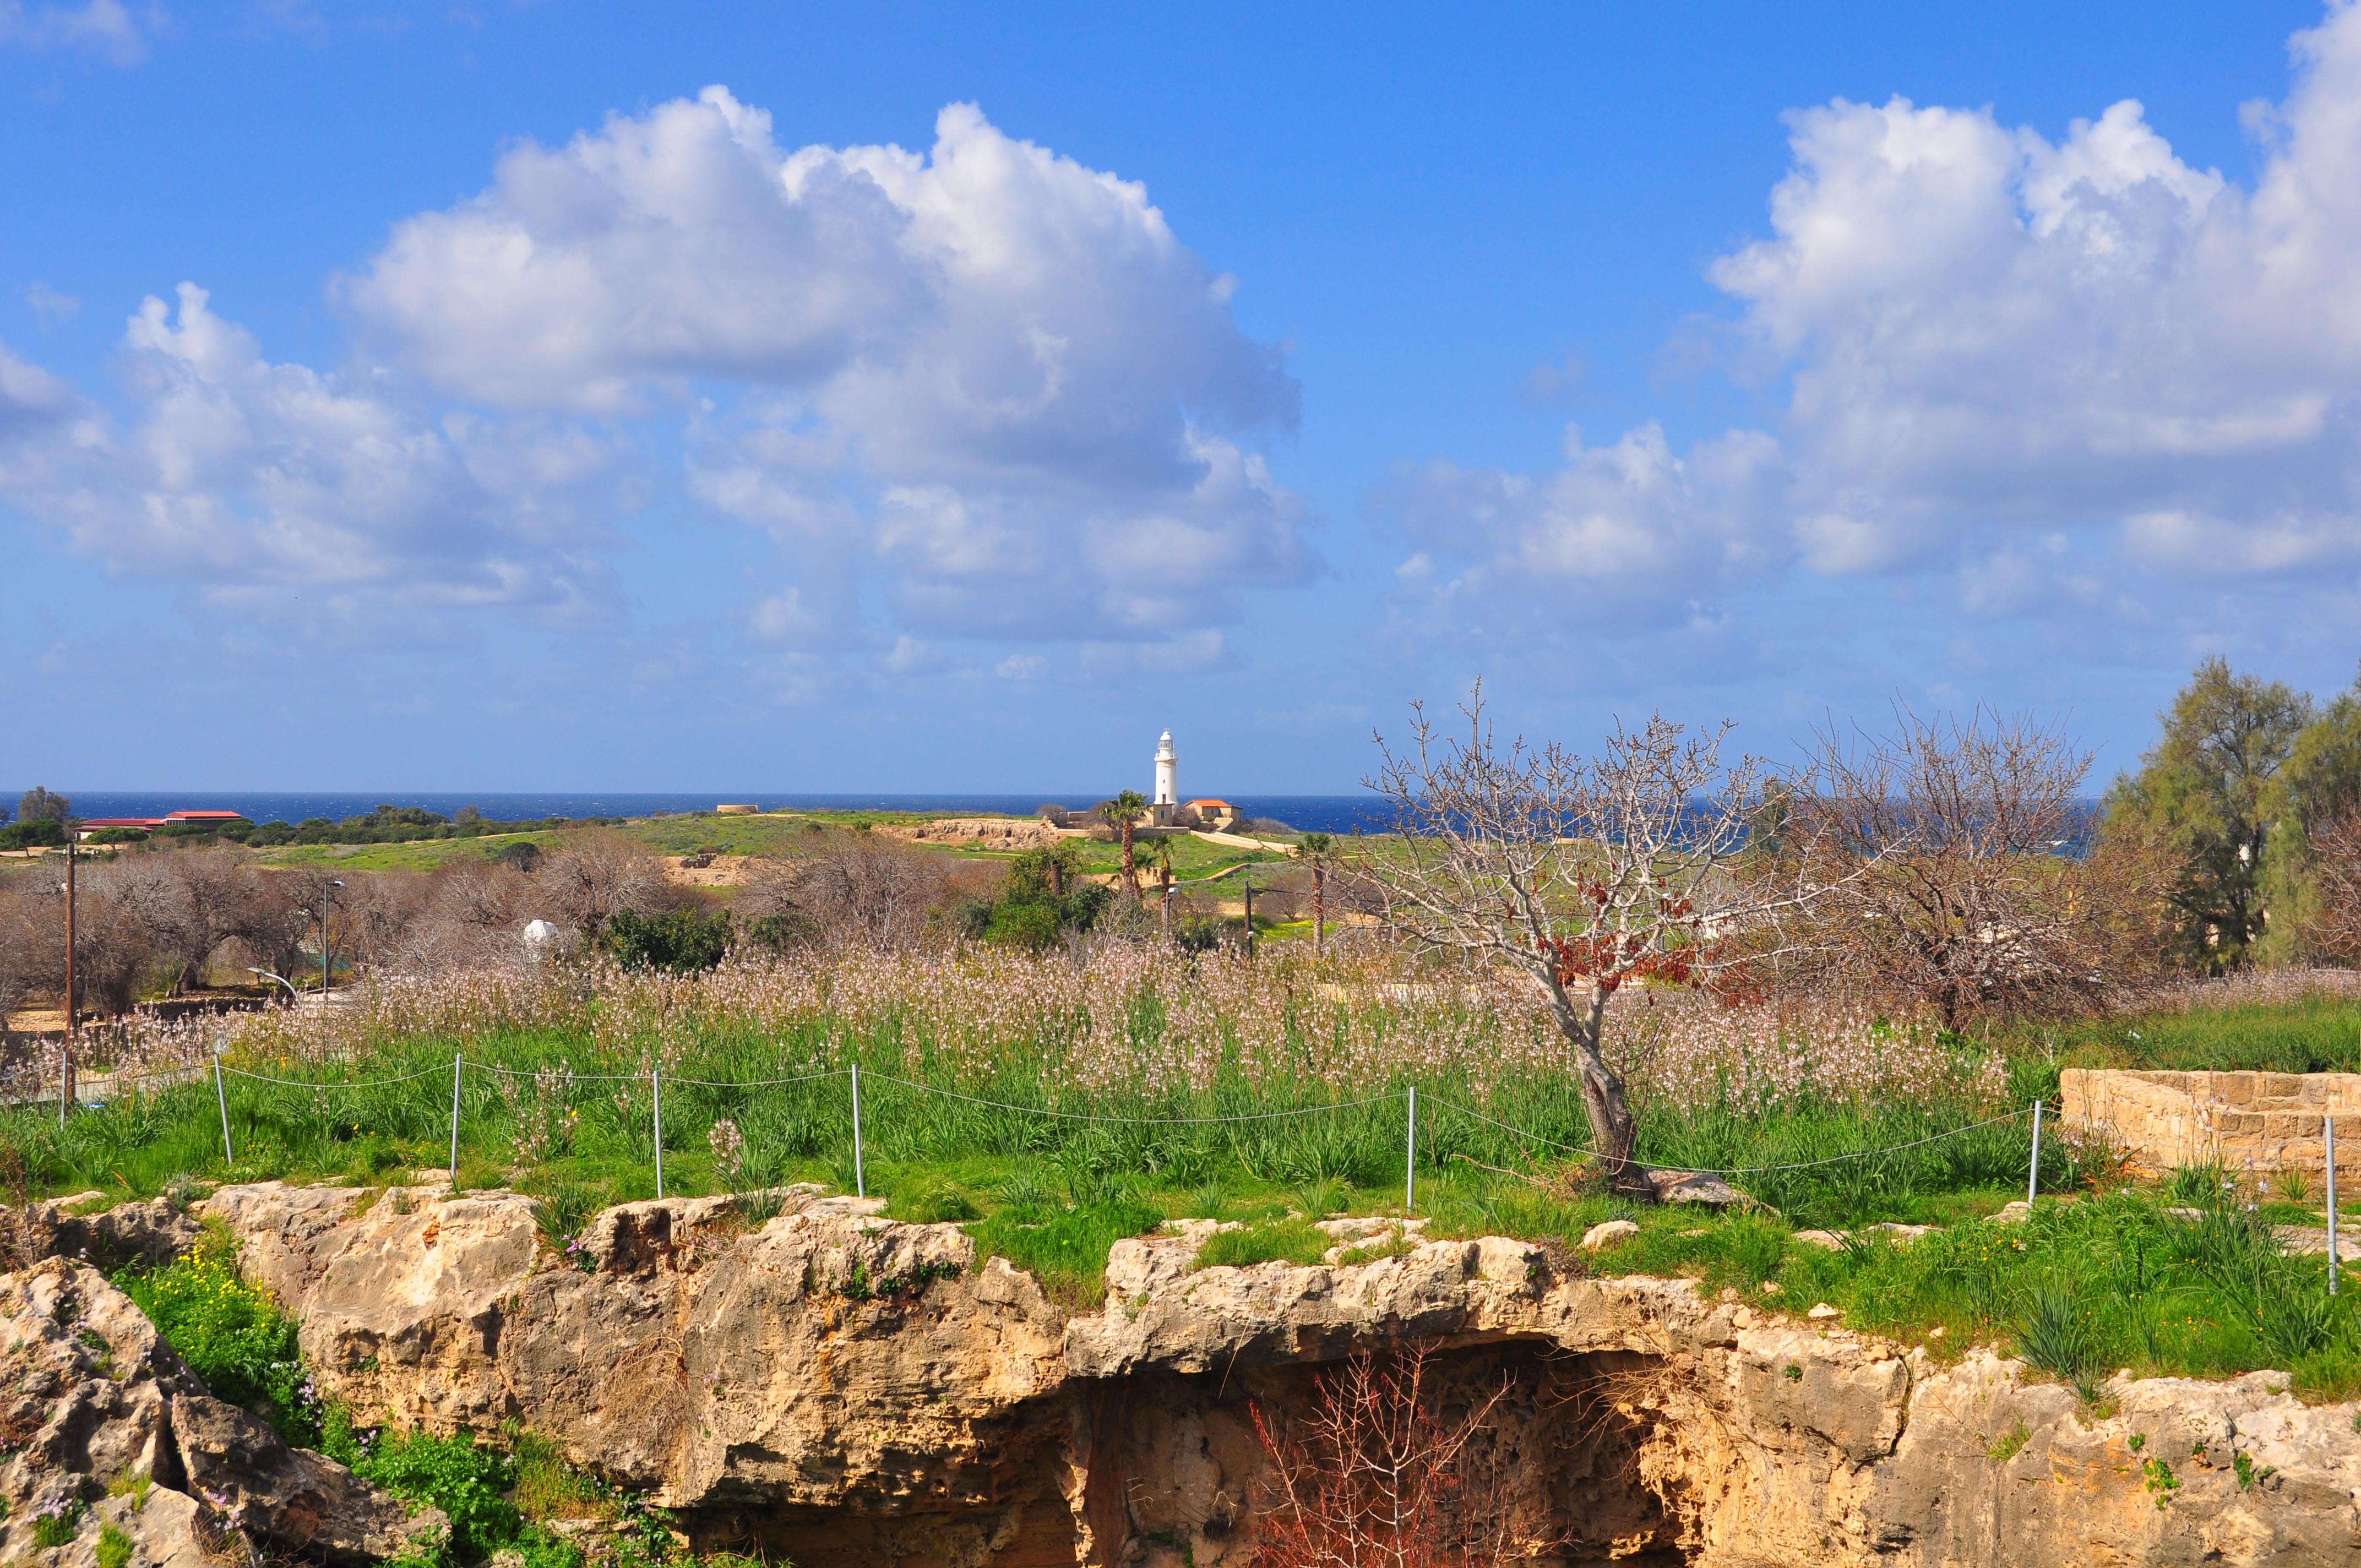 lângă catacombe. În depărtare se poate observa Farul din Paphos.